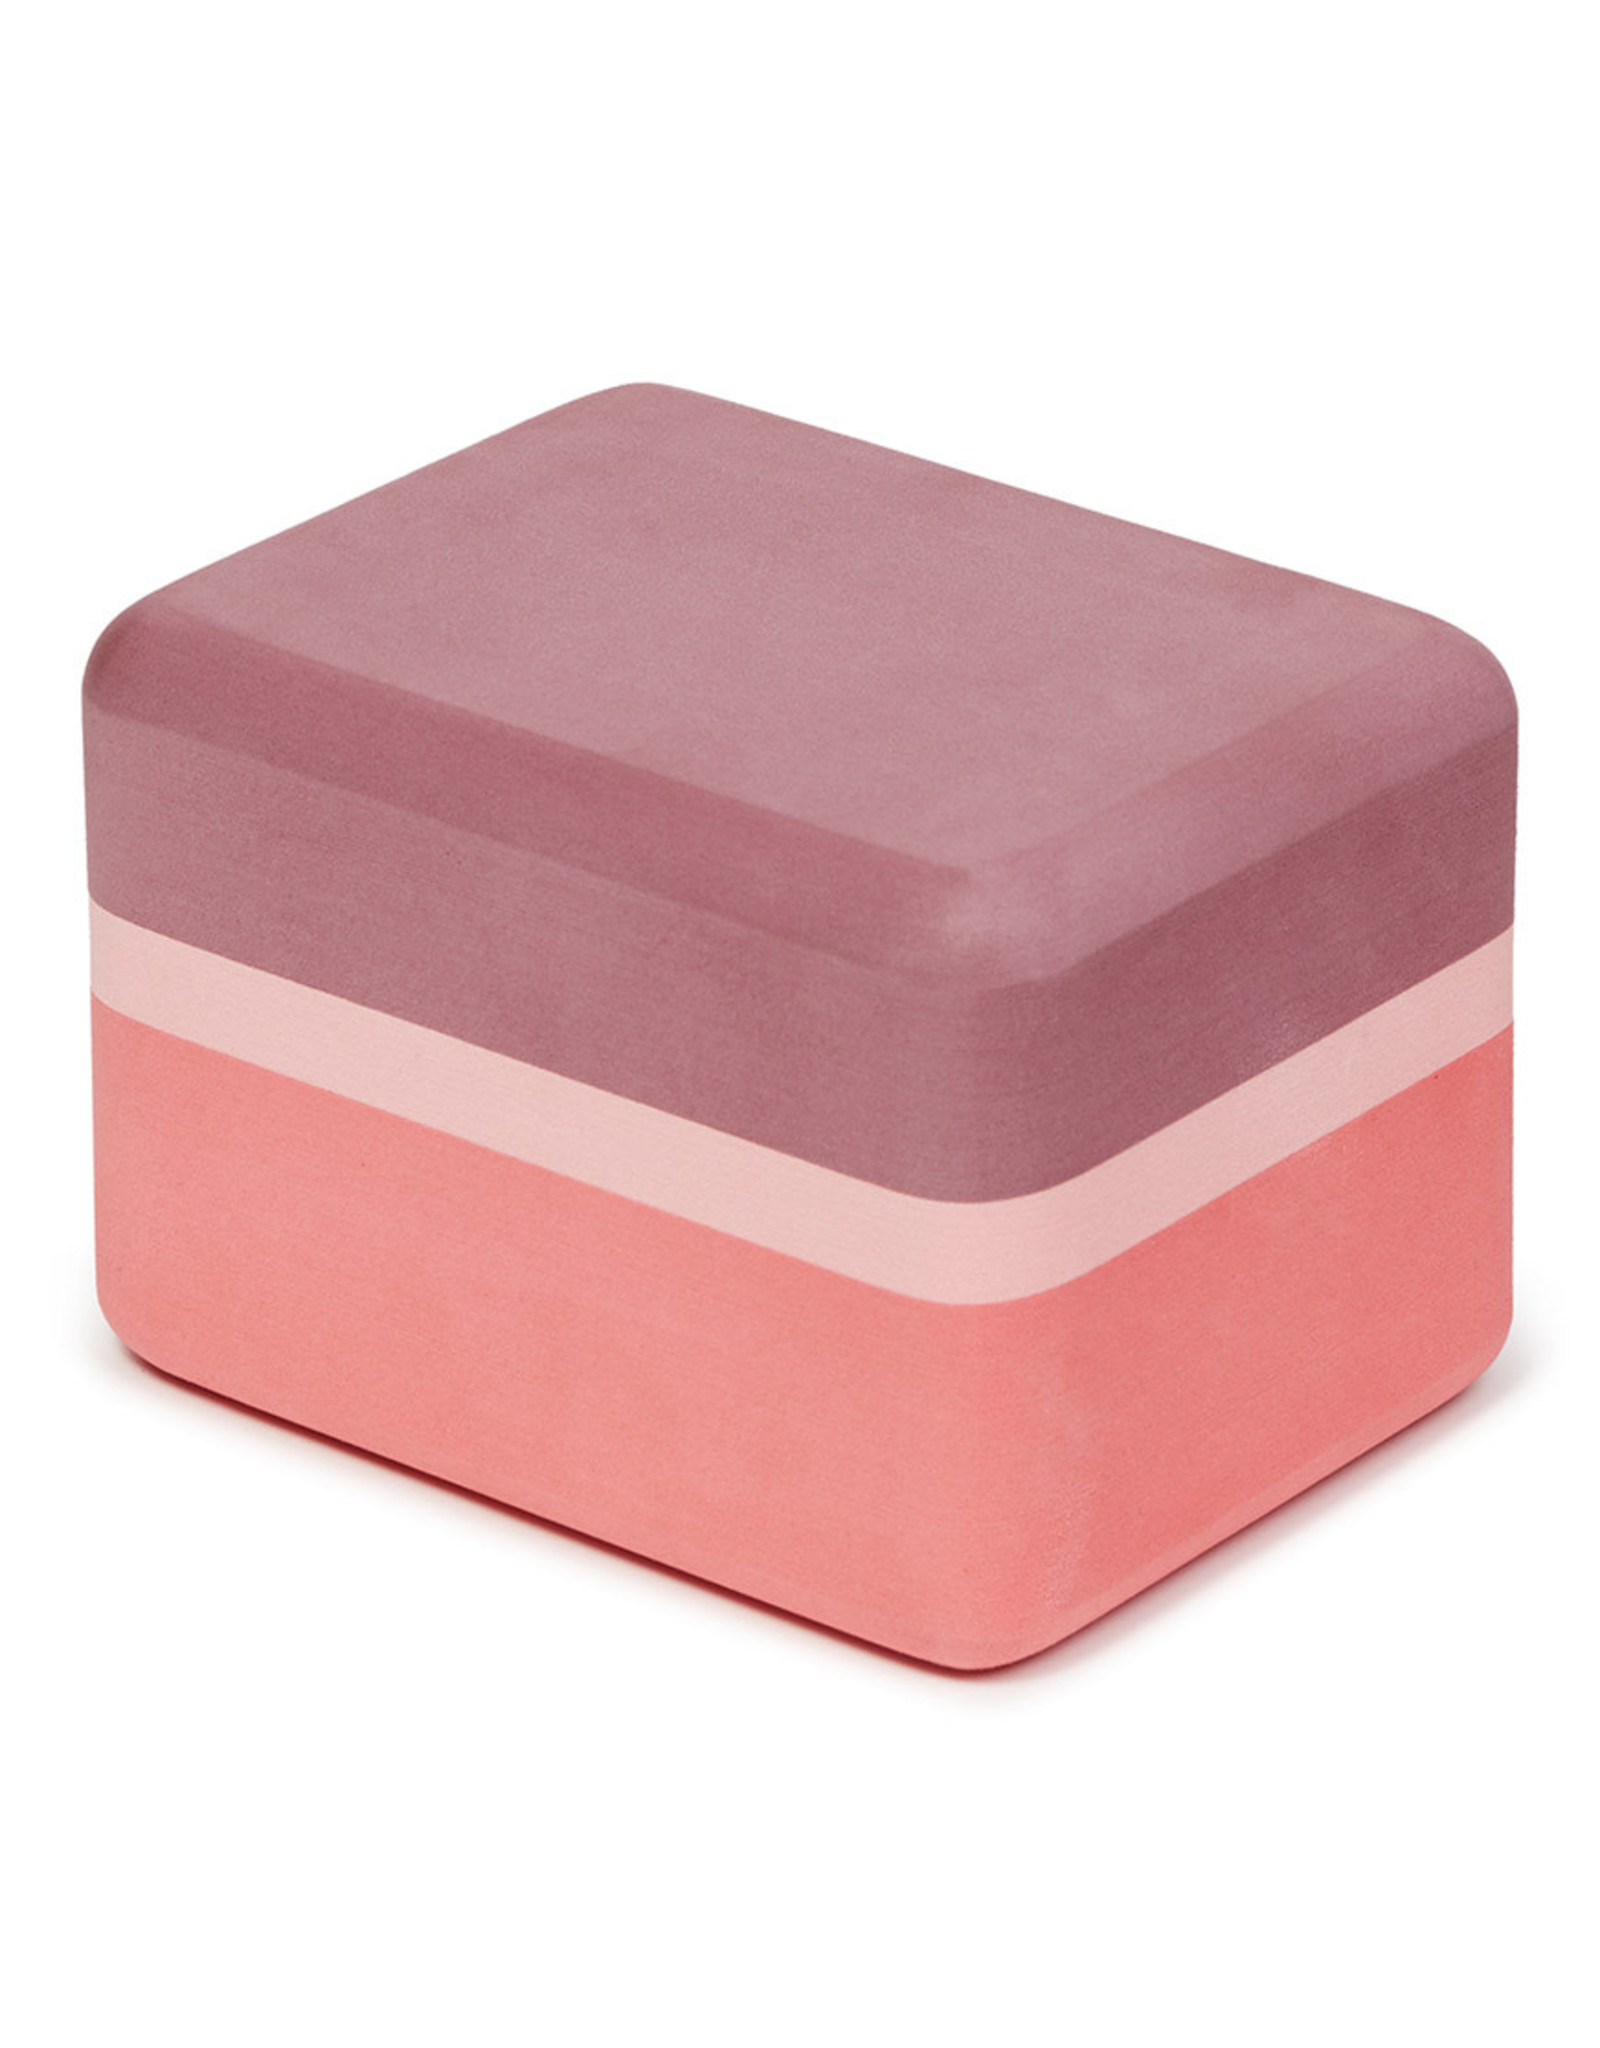 Manduka Recycled Foam Yoga Mini Block - Clay